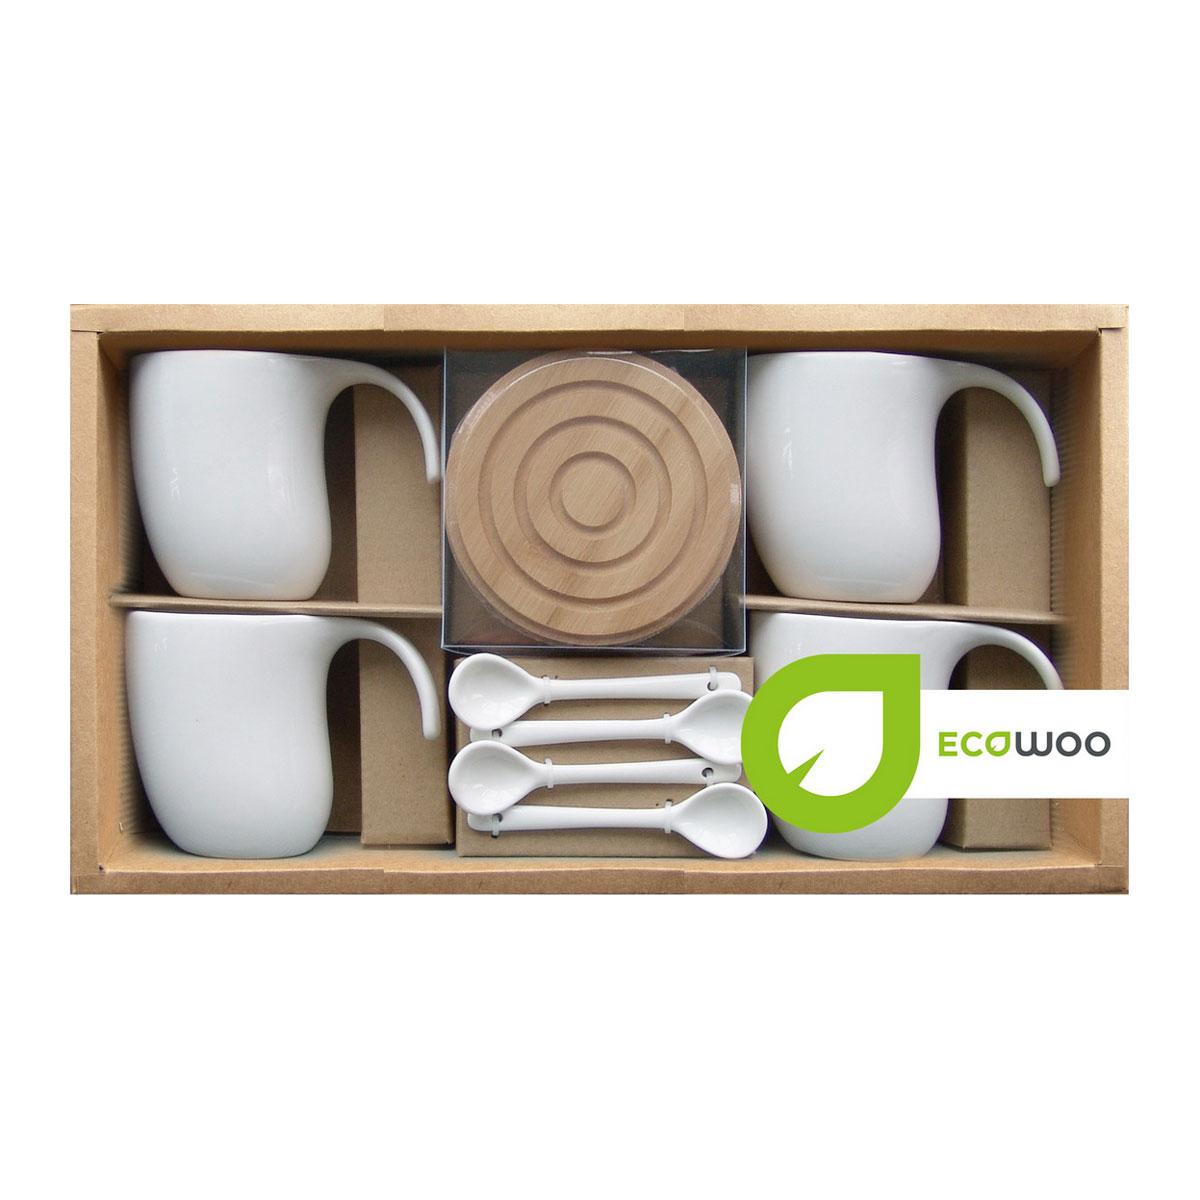 Набор чайный EcoWoo, 12 предметов. 2012245U2012245UНабор чайный на 4 персоны EcoWoo - это не только идеальный подарок, но и прекрасный повод побаловать себя! Состав набора: 4 чашки, 300 мл, 4 бамбуковые подставки D10 см и 4 ложки 10,5 см. Материал: фарфор, бамбук. Не использовать в посудомоечной машине. Упаковка: ПВХ-коробка в крафт-основе. Цвет: белый. Идеальное решение для ценителей экологичных деталей в интерьере и поклонников здорового образа жизни. Больше оценят поклонники современного стиля.